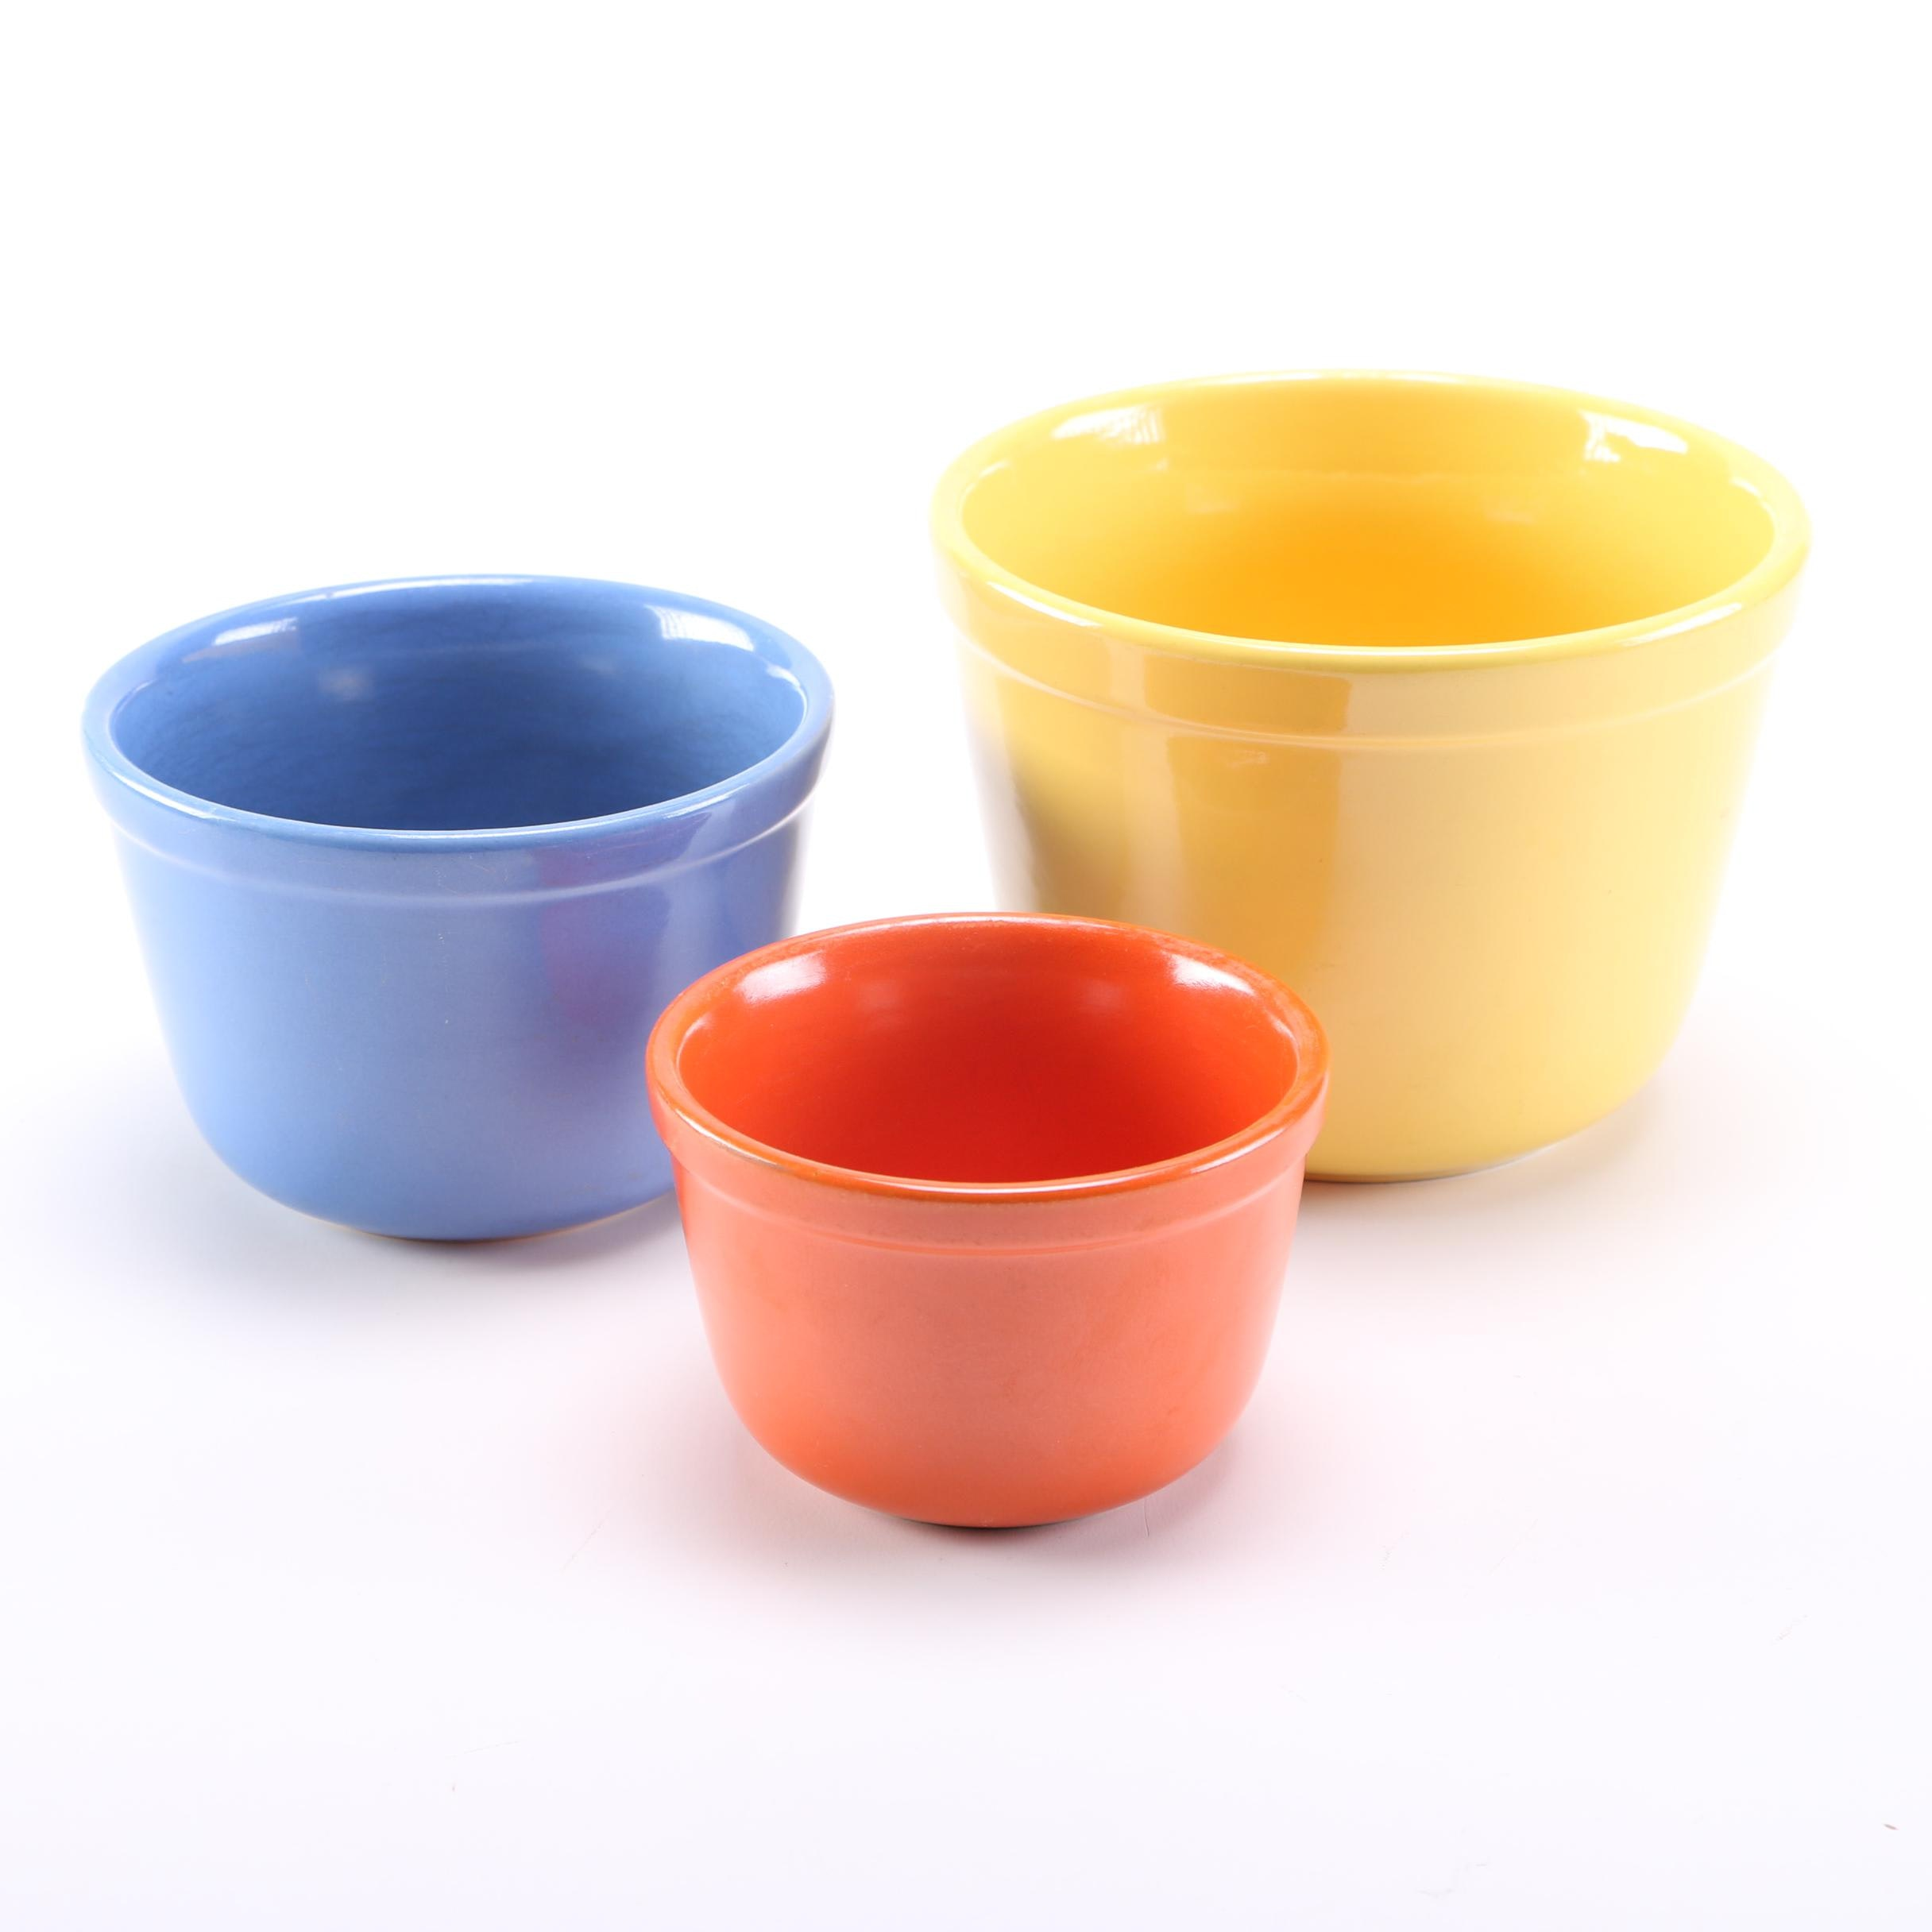 Circa 1950s Oxford Ware Nesting Bowls